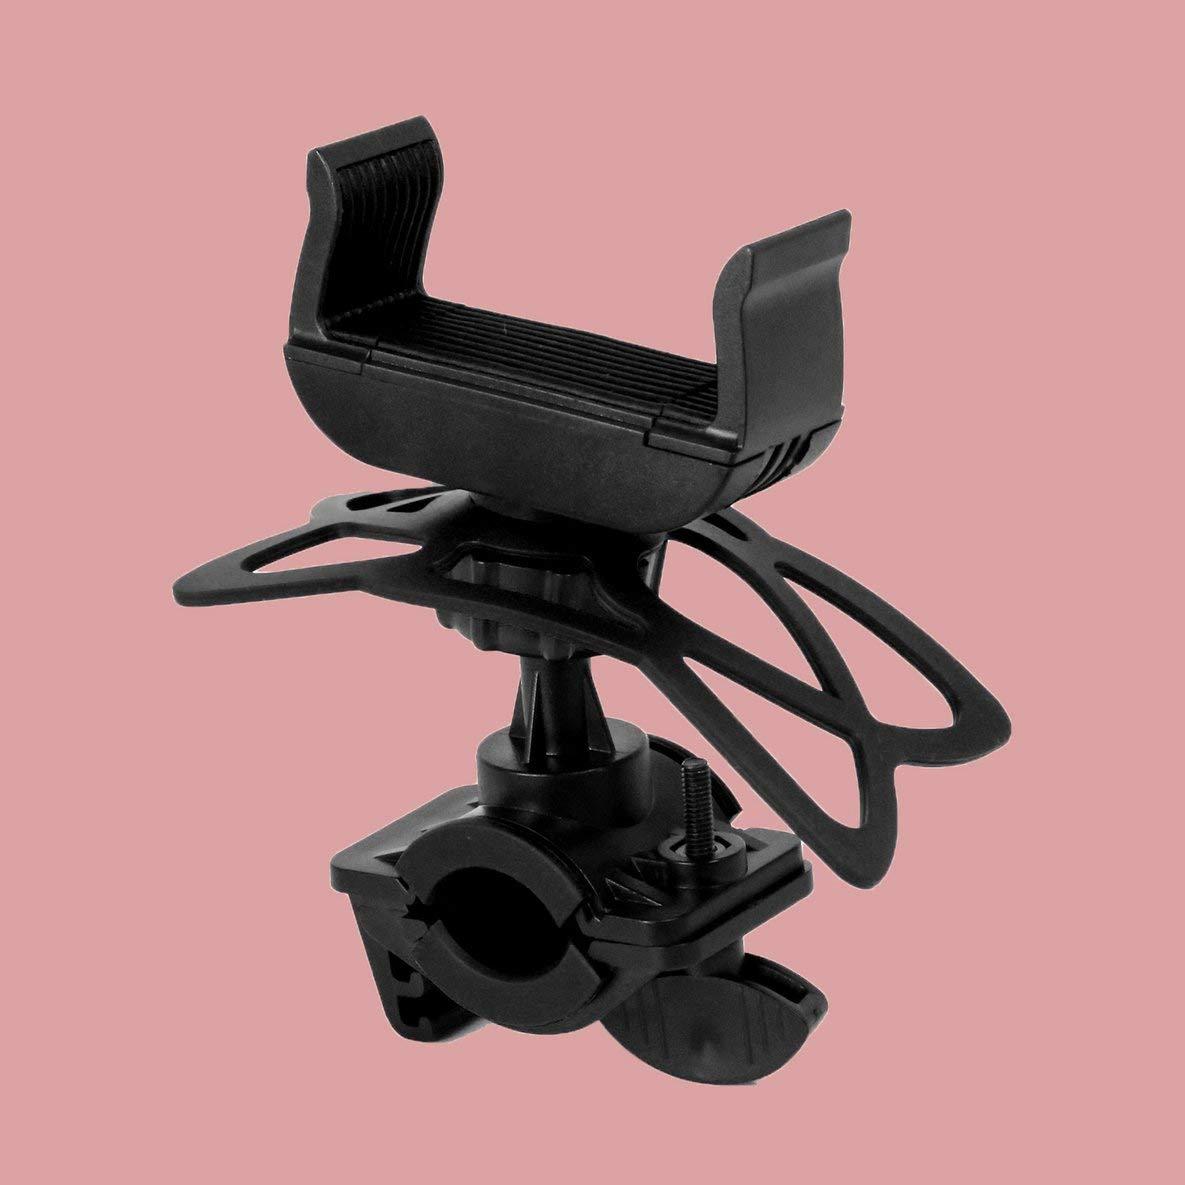 Support pour v/élo v/élo Support de v/élo Accessoires Essentiels Noradtjcca Support pour t/él/éphone Portable